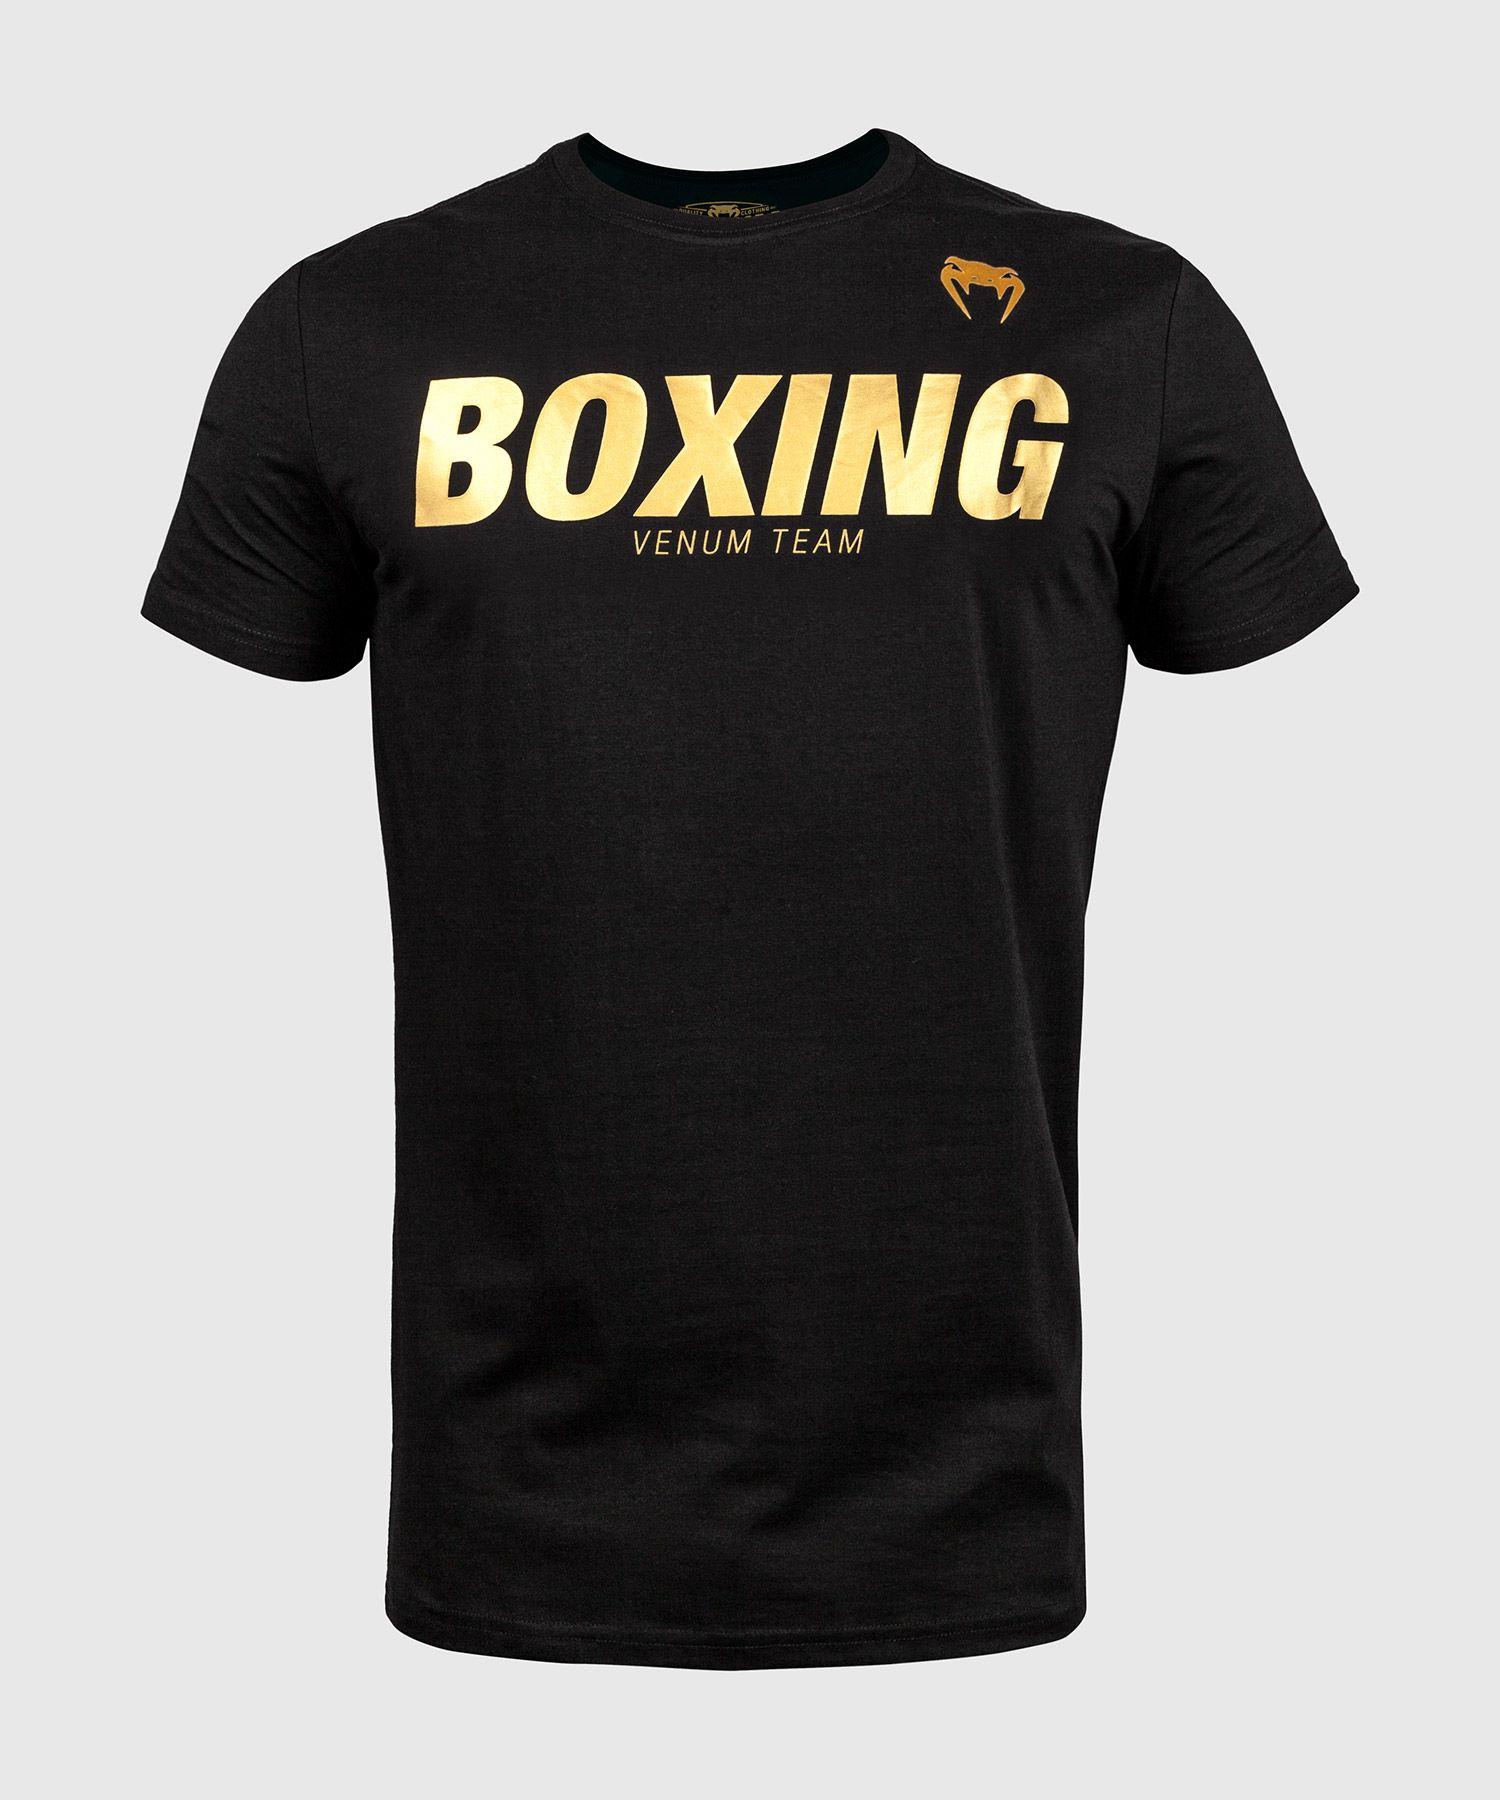 Футболка Venum Boxing VT - Черный/Золотой